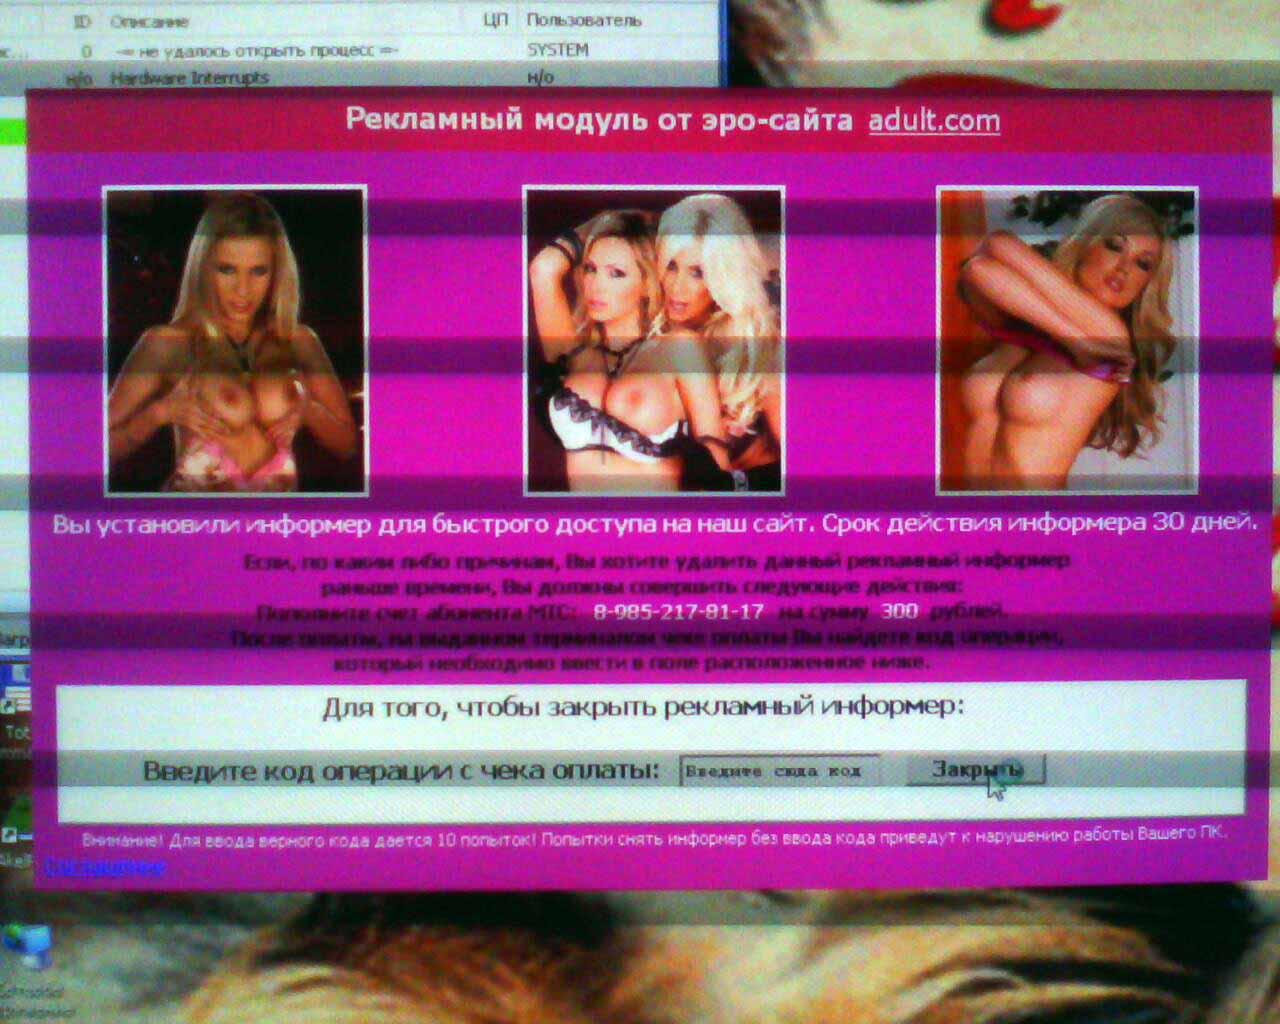 eroticheskie-mechti-muzhchini